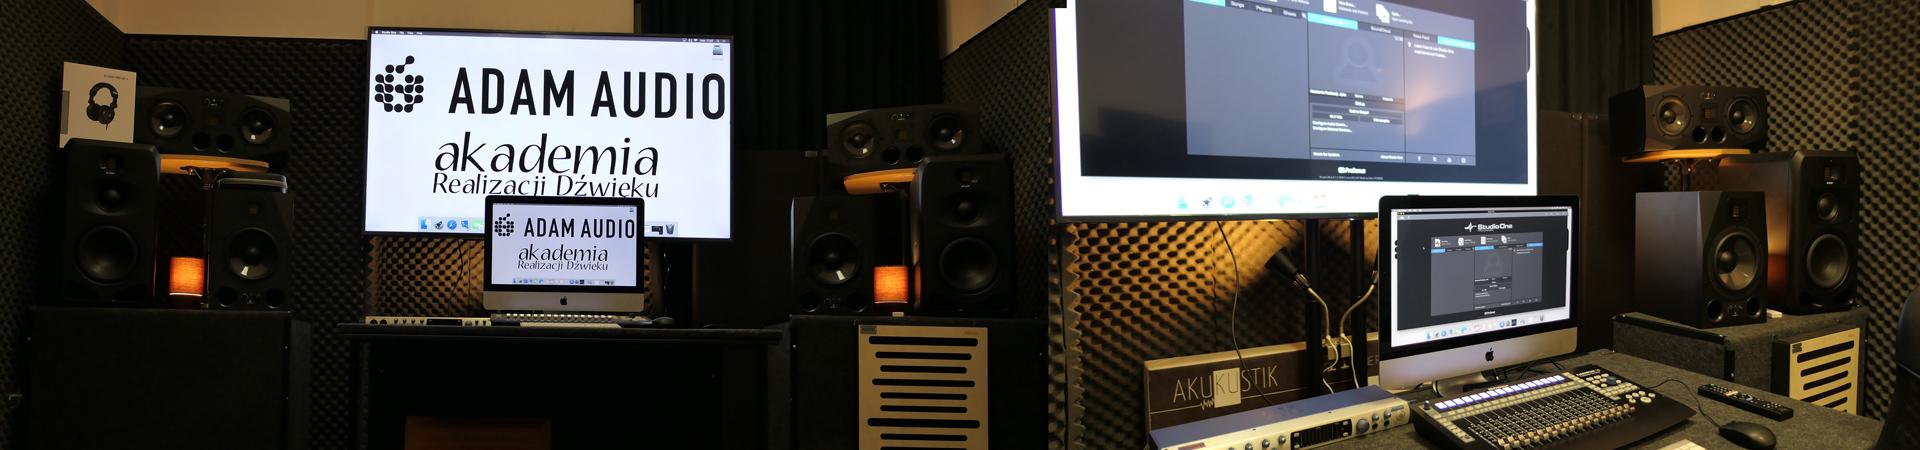 Monitory marki ADAM Audio w Akademii Realizacji Dźwięku